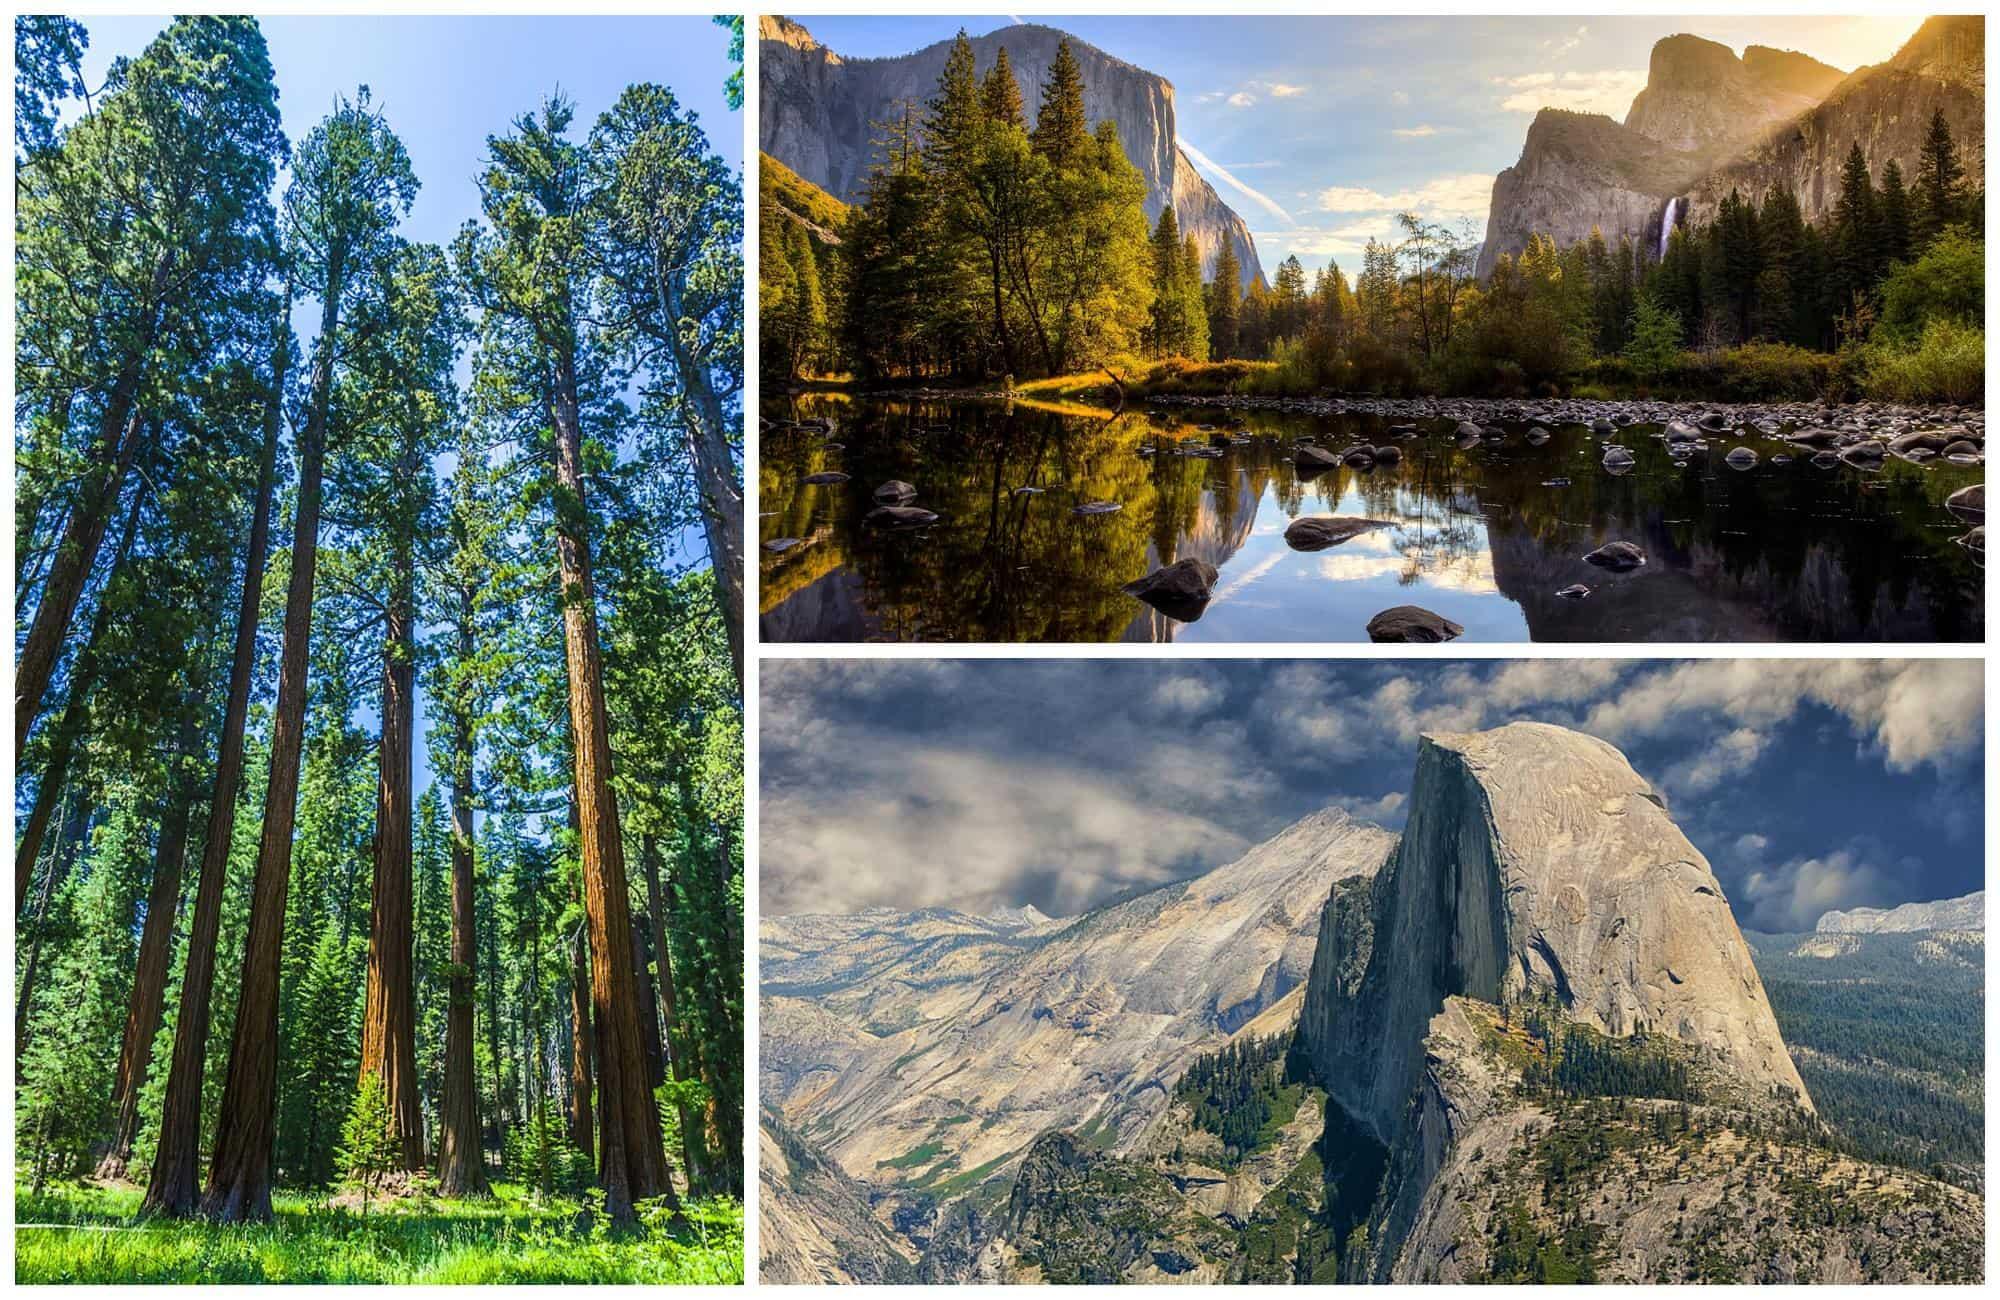 séquoias géants, Tunnel View et lac dans le parc Yosemite